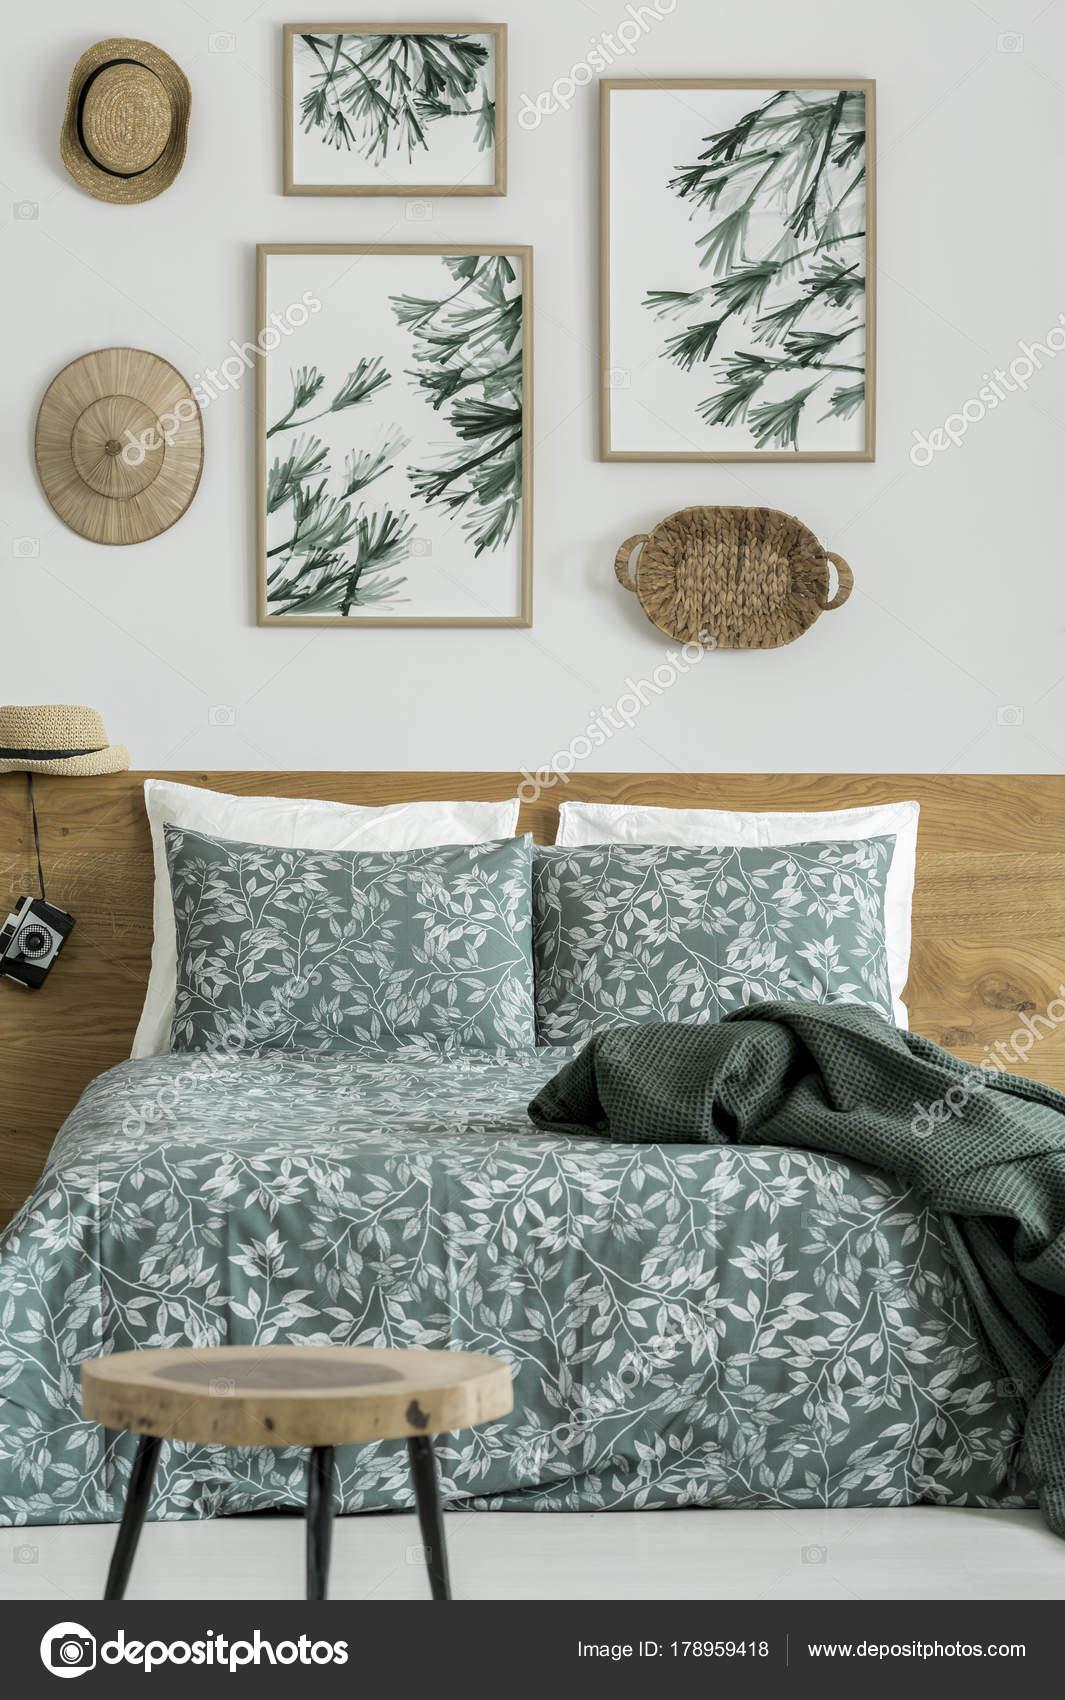 bladeren schilderijen in travelers slaapkamer stockfoto